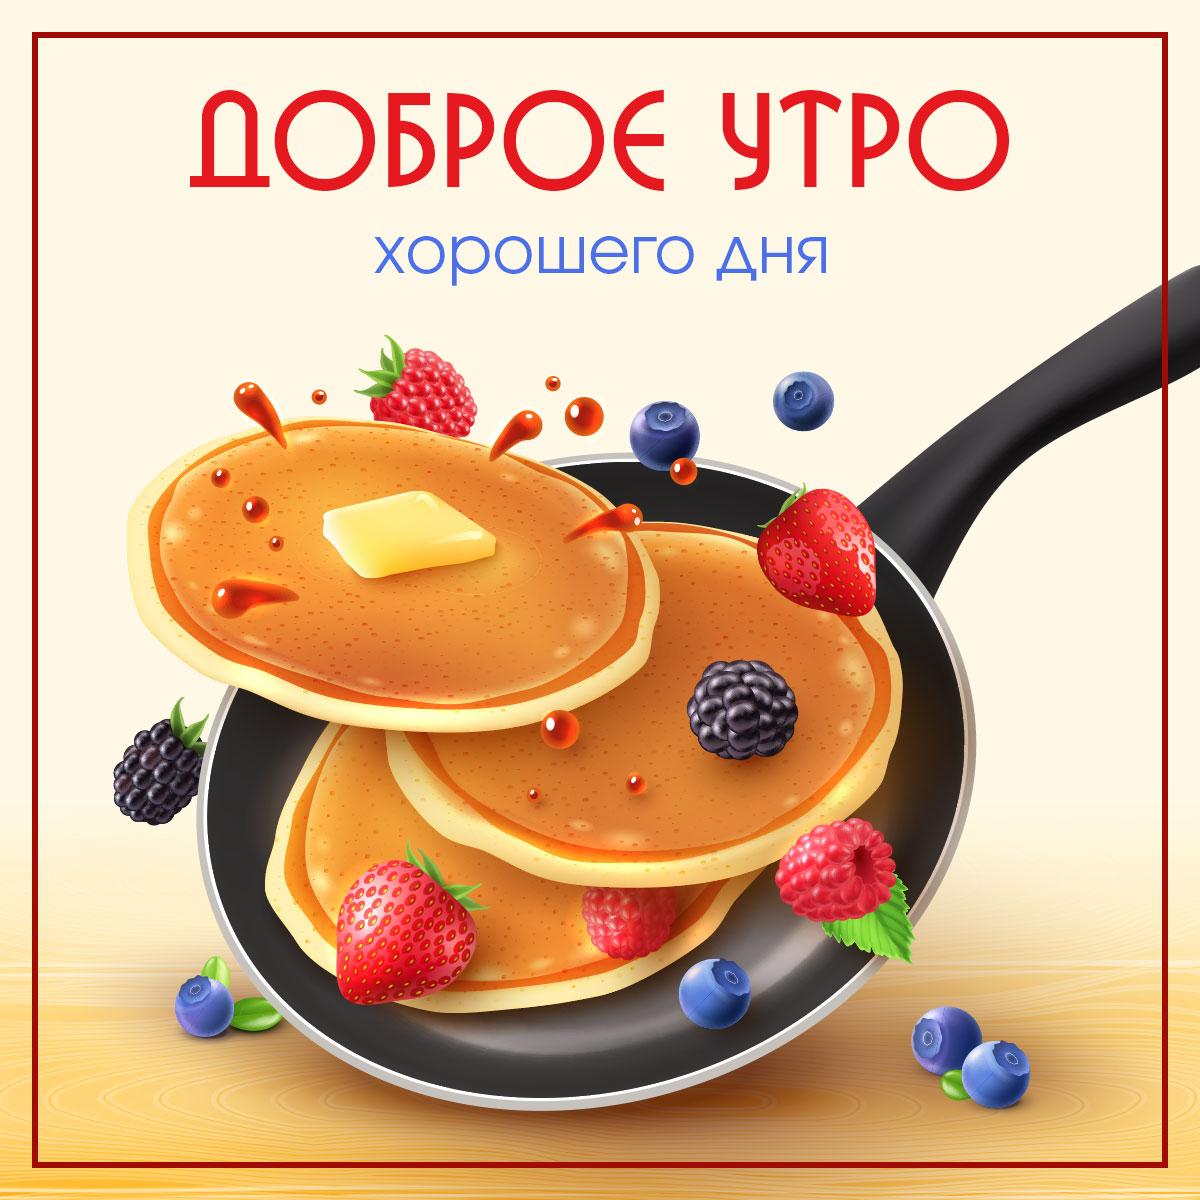 Картинка с блинчиками на сковородке на доброе утро.